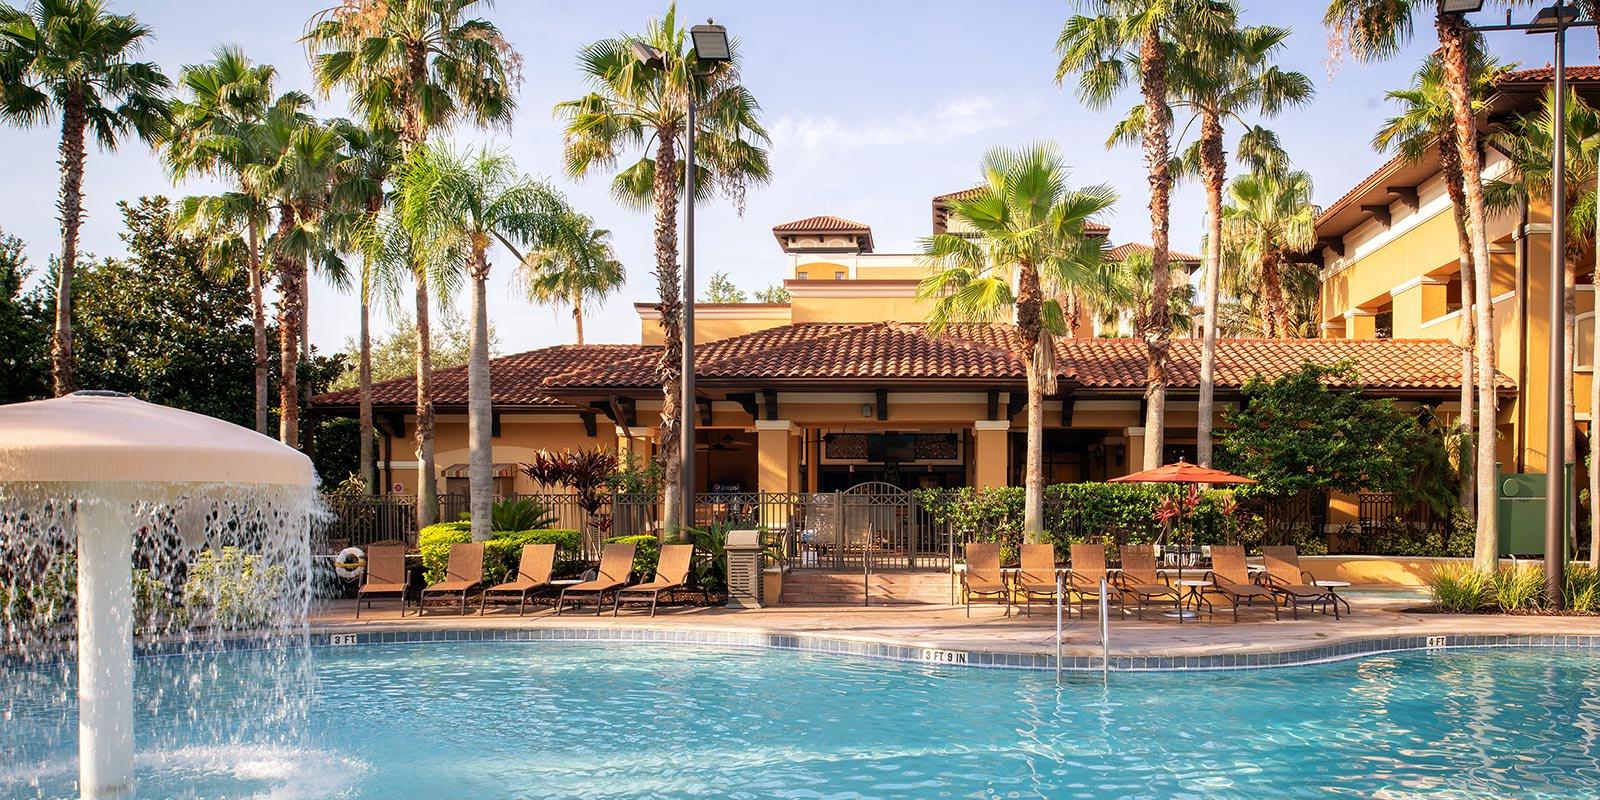 Vår favorit i Orlando - Floridays Resort   Floridays Resort är en Supreme Travel-favorit tillika prisbelönt lägenhetshotell strax söder om soliga och barnvänliga Orlando. De rymliga två- och trerumslägenheterna är fullt utrustade med kök, balkong och fräscha sovrum. Floridays erbjuder dessutom gratis parkering, stort poolområde, poolbar samt café på området. Utöver det ingår gratis shuttlebuss till flera av temaparkerna i området; Sea World, Disney World och Universal studios. En utflykt till någon av parkerna är en perfekt avstickare från den härliga resorten.